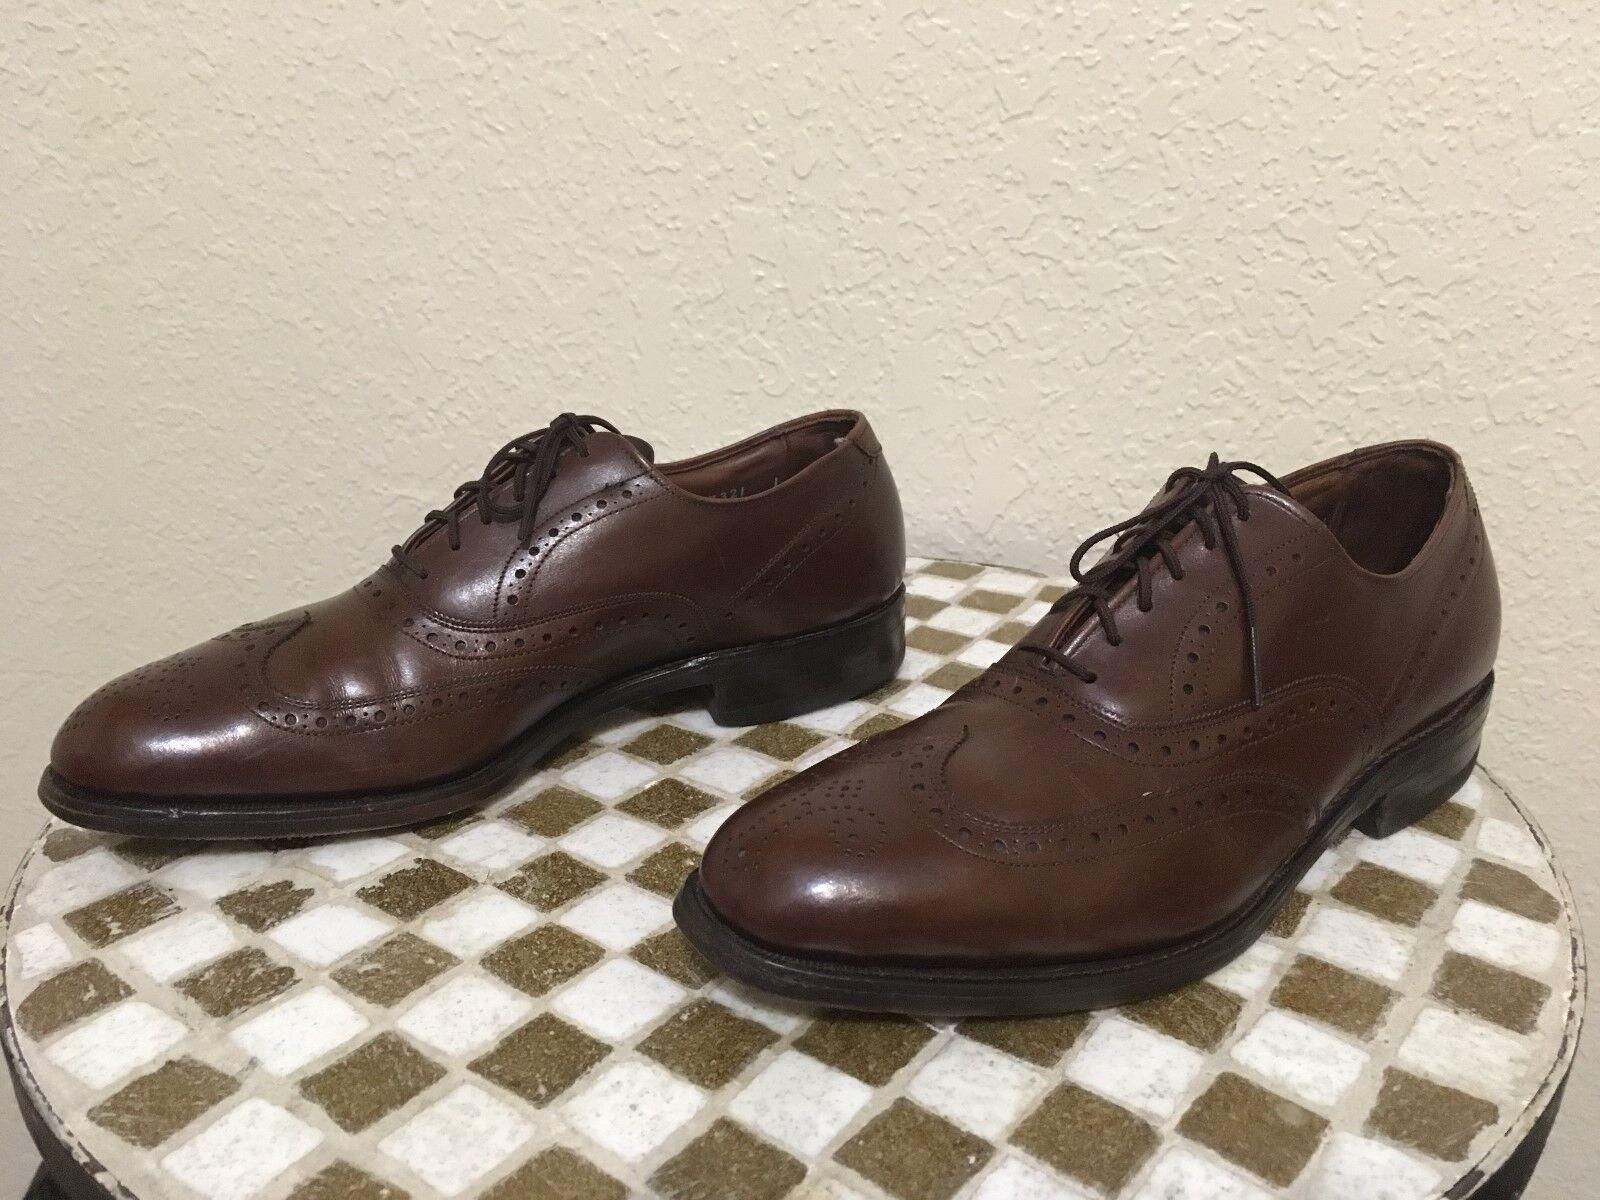 alta qualità genuina USA ALLEN EDMONDS Marrone WING TIP scarpe scarpe scarpe 8 C  risparmia il 60% di sconto e la spedizione veloce in tutto il mondo